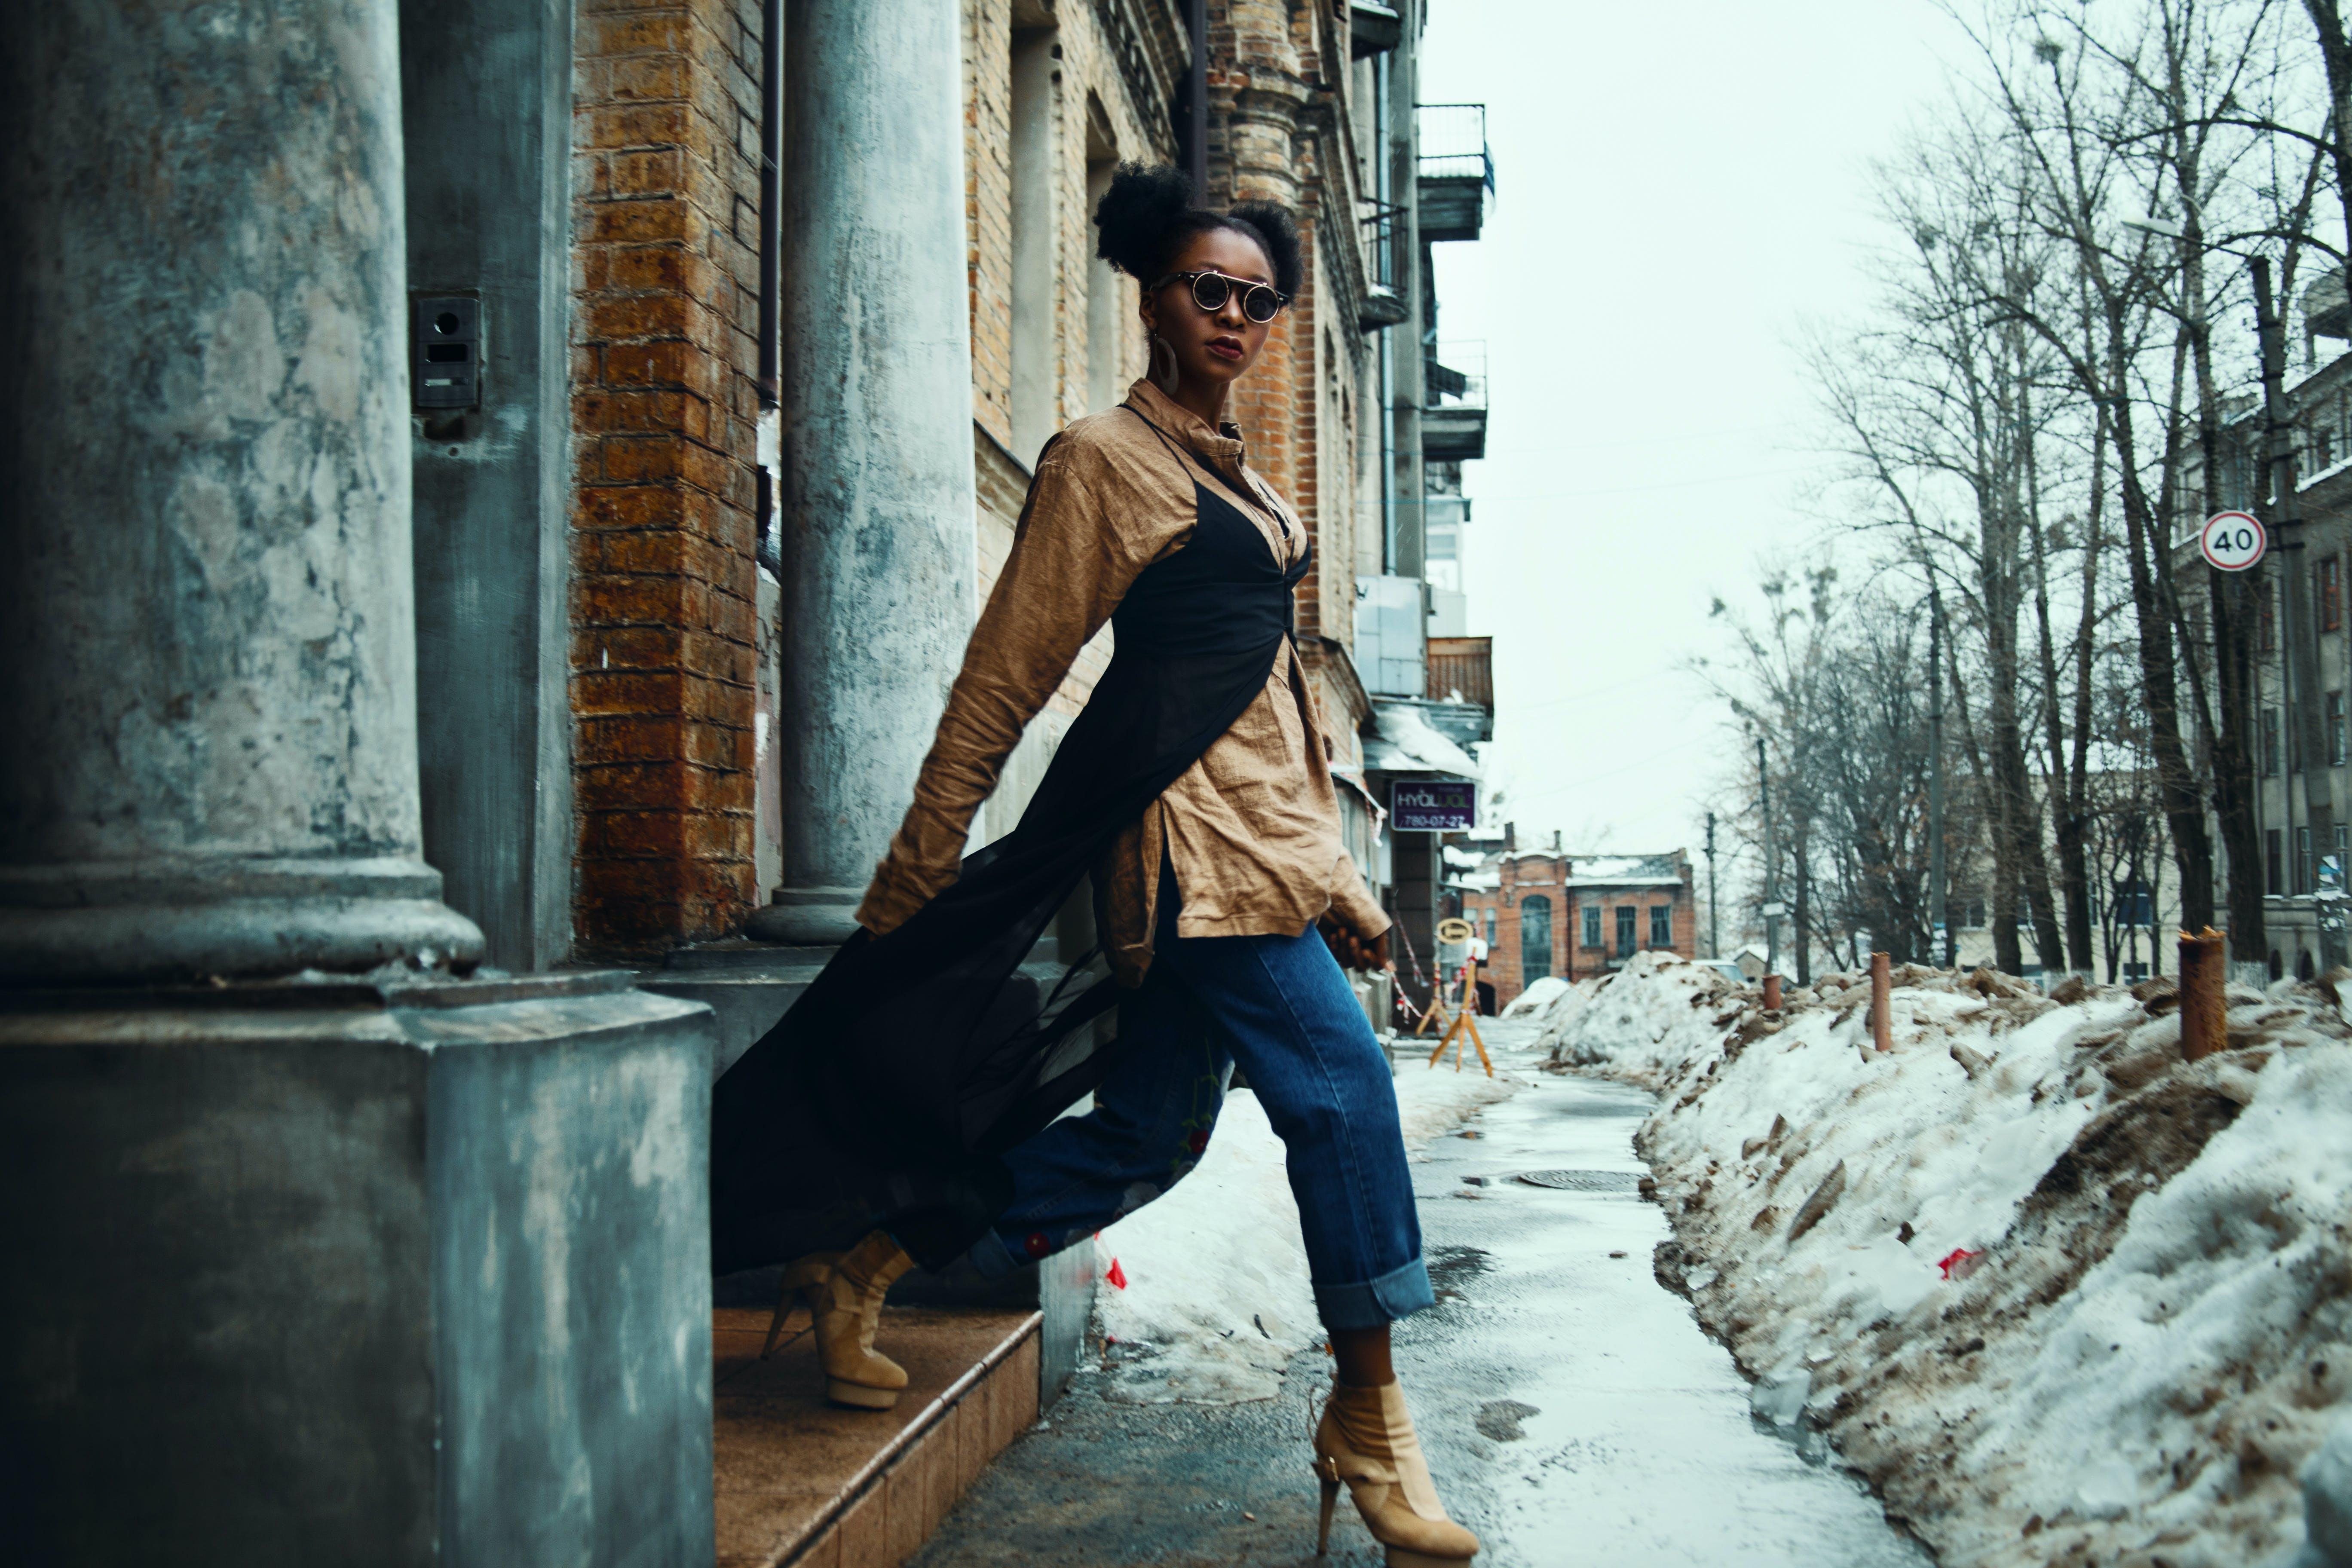 おしゃれ, アフリカ系アメリカ人女性, スタイリッシュ, スタイルの無料の写真素材